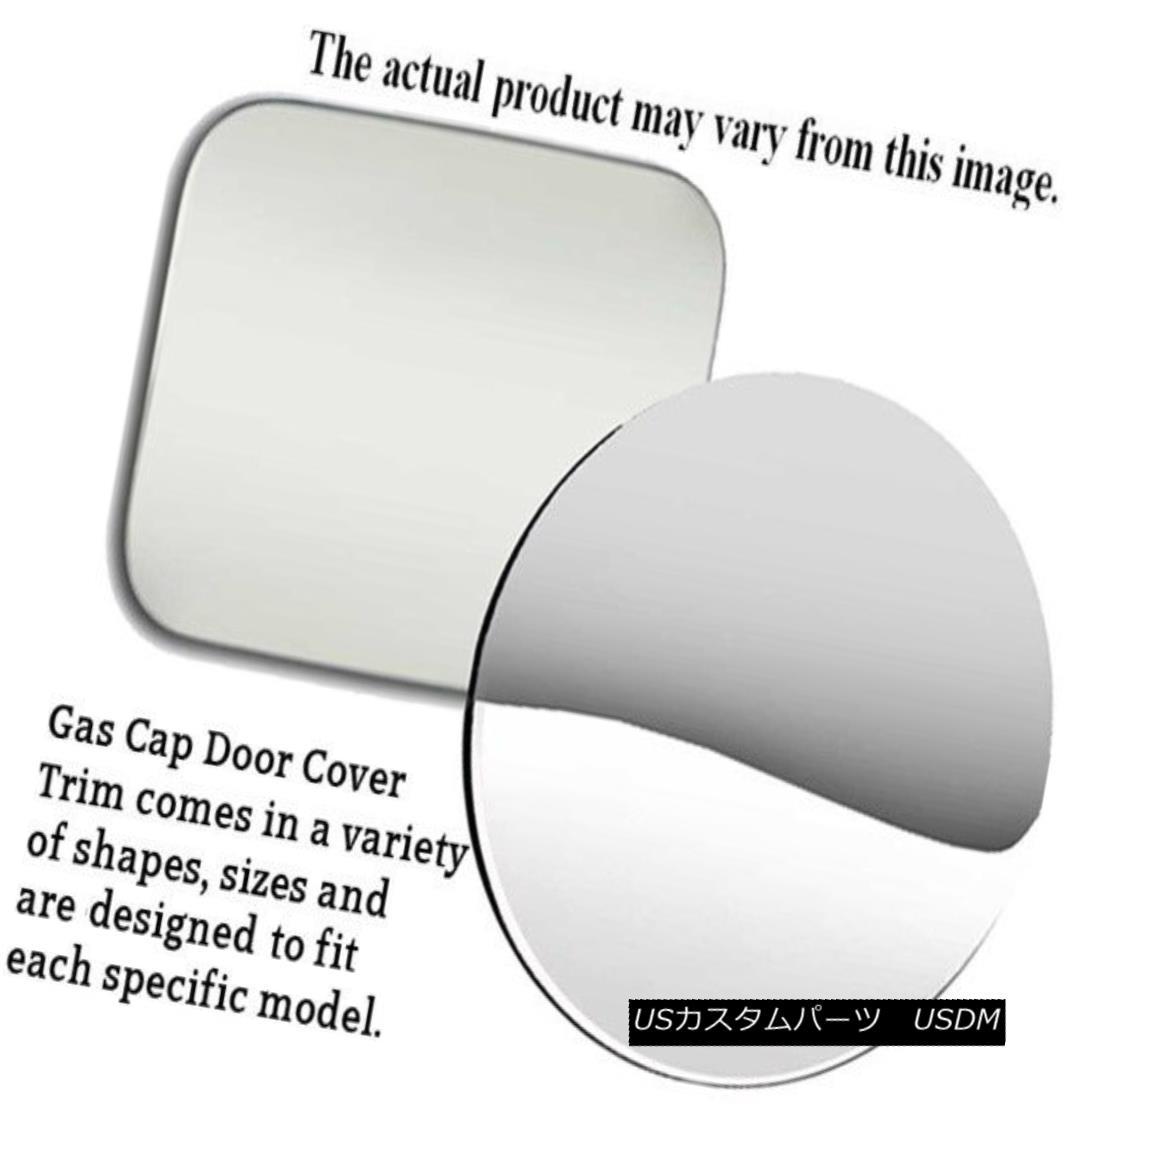 グリル Fits 2008-2009 PONTIAC G8 4-door -Stainless Steel GAS CAP DOOR フィット2008年 - 2009ポンタックG8 4ドア - ステンレス鋼ガスキャッチドア